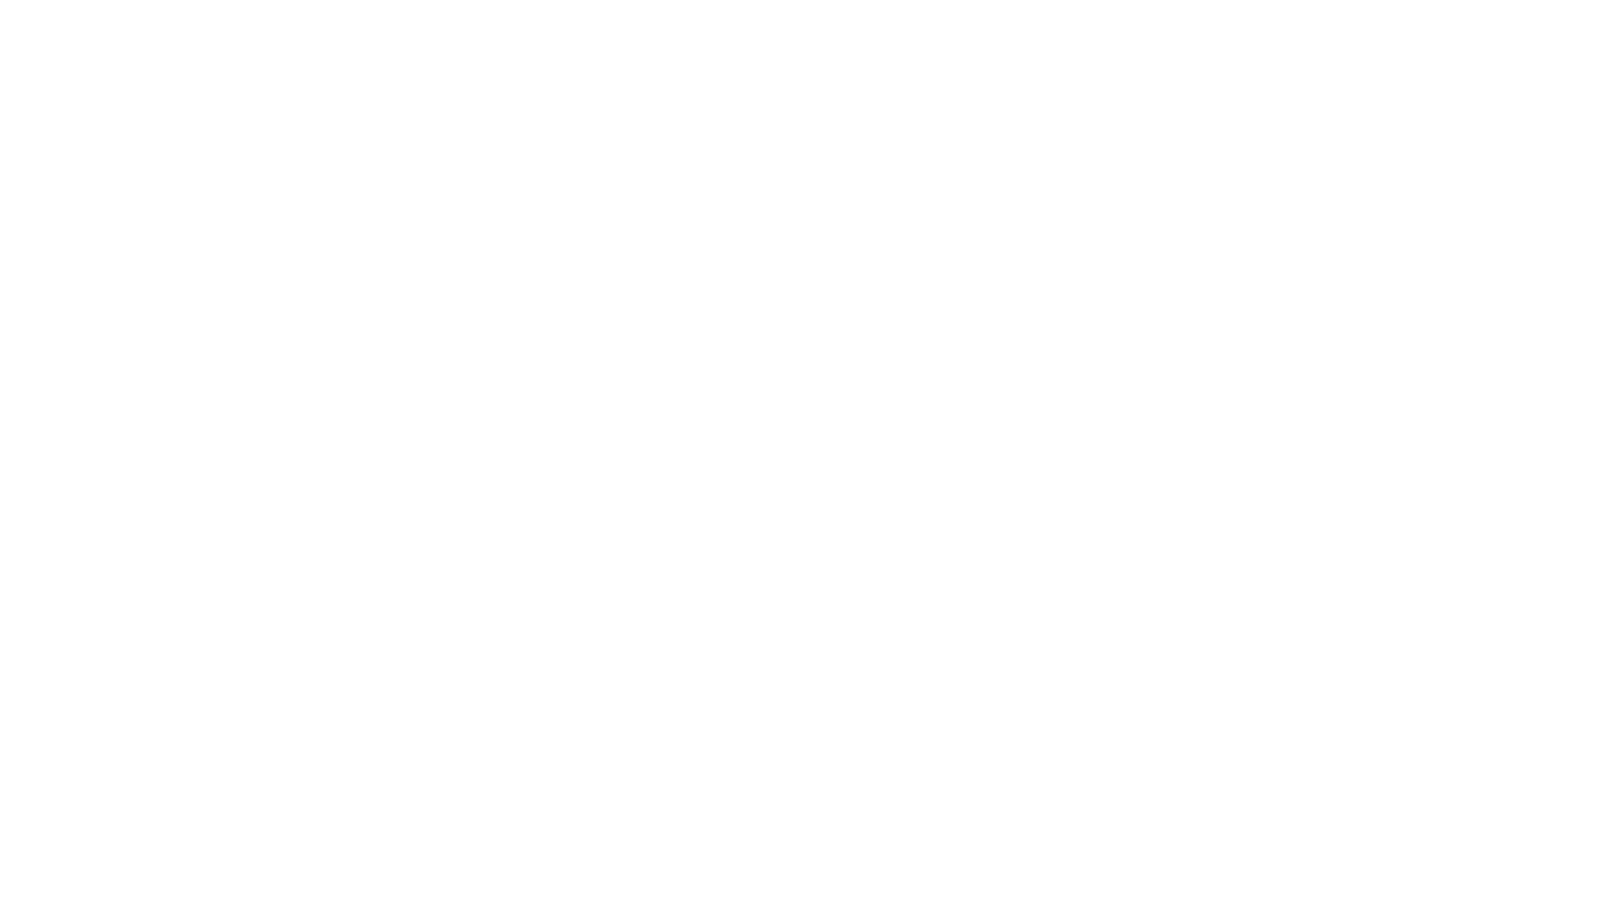 Előadó: Pécz Béla (EK, Műszaki Fizikai és Anyagtudományi Intézet) Cím: Aberráció-korrigált mikroszkóppal látjuk az egyes atomokat  Időpont: 2021.02.11.   Kivonat: Az előadássorozat címe (Az atomoktól a csillagokig) egyben a jelen előadás apropóját is adja, hiszen mindkét képalkotást jelentősen behatárolta az u.n. gömbi hiba, azaz, hogy az egy pontból kiinduló sugarakat nem tudtuk egy pontba leképezni. Ez megmutatkozott a Hubble űrteleszkóp szférikus aberráció okozta első, az elvártnál jóval gyengébb teljesítményében (ezt egy 10 lencsés korrekciós szemüveggel lehetett orvosolni), illetve hosszú időn keresztül behatárolta a transzmissziós elektronmikroszkópia felbontását. Utóbbiban igen tökéletlen elektromágneses lencséket használunk képalkotásra. Kb. 20 évvel ezelőtt azonban ott is megszületett a gömbihiba-korrektor, ami mára elérhetővé vált a kereskedelemben kapható TEM/STEM mikroszkópokban. Nemrég a feltalálók megkapták az igen rangos (és egy millió dollár összegű) norvég Kavli Prize díjat. Mintegy két éve Magyarországon is működik egy ilyen mikroszkóp, Angström alatti felbontással. Az előadás hallgatói betekintést kapnak az atomi szintű képalkotásba 1-2 atomrétegnyi félvezető rétegek (pl. grafén/InN/SiC) mikroszkópiáján keresztül, illetve megismerhetik az ezzel párhuzamosan kiszélesedett analitikai lehetőségeket, atomi szintű elemeloszlási térképeket.   További információ: http://atomcsill.elte.hu/NEW/events/aberracio-korrigalt-mikroszkoppal-latjuk-az-egyes-atomokat/